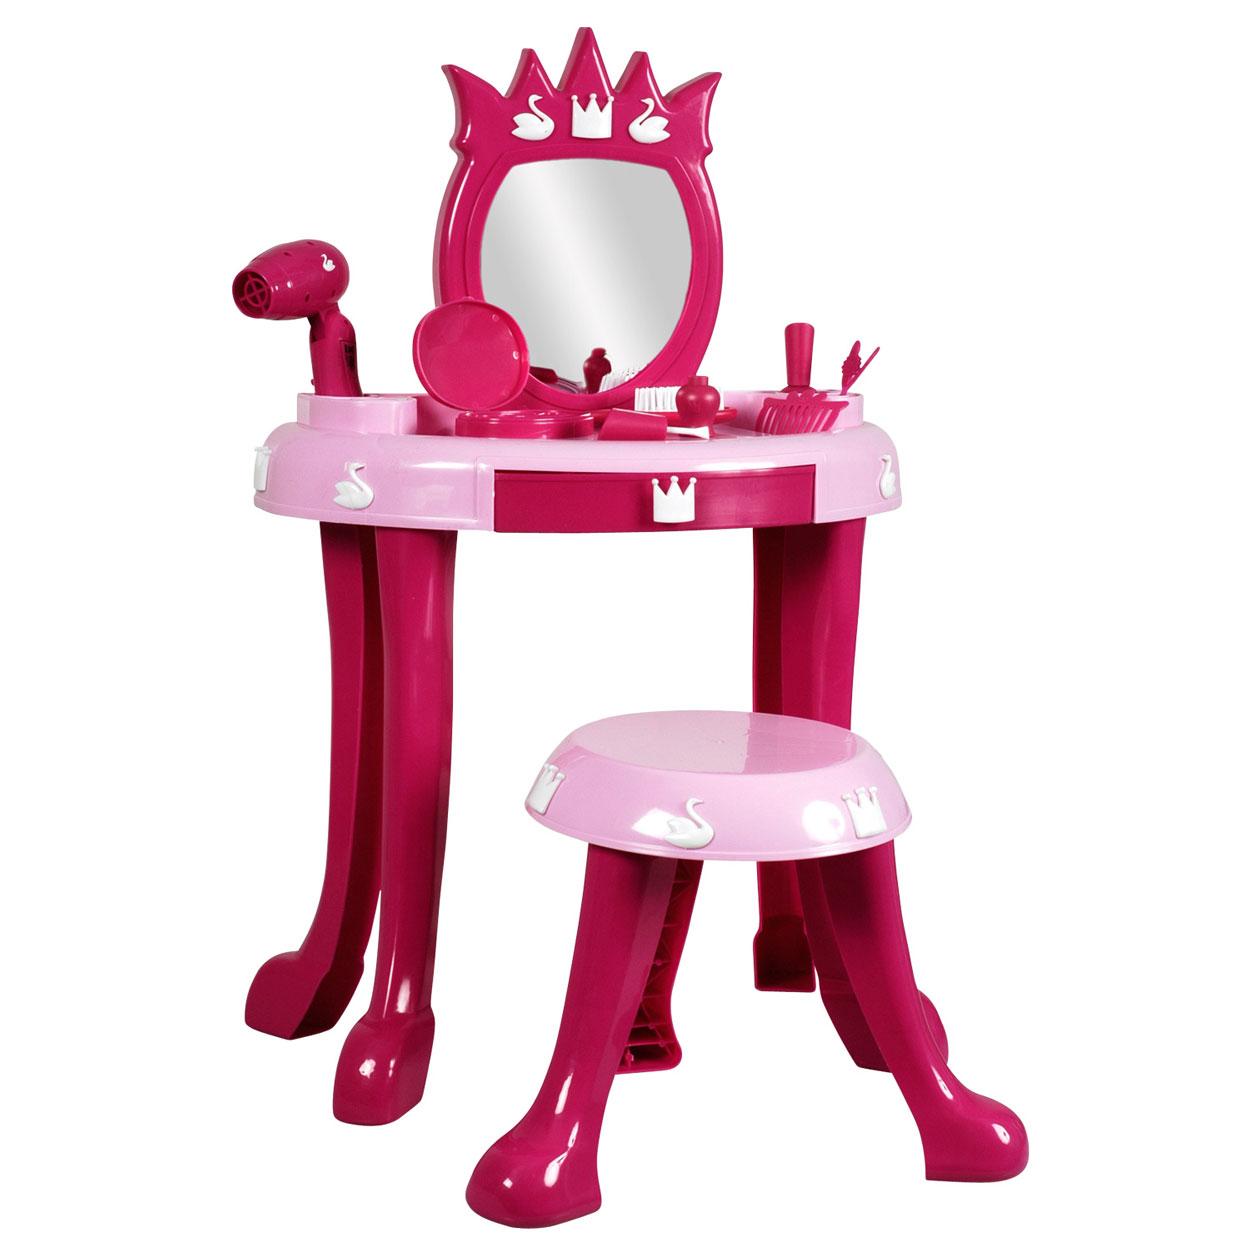 Kaptafel Voor Kinderen.Kaptafel Met Accessoires Online Kopen Lobbes Speelgoed